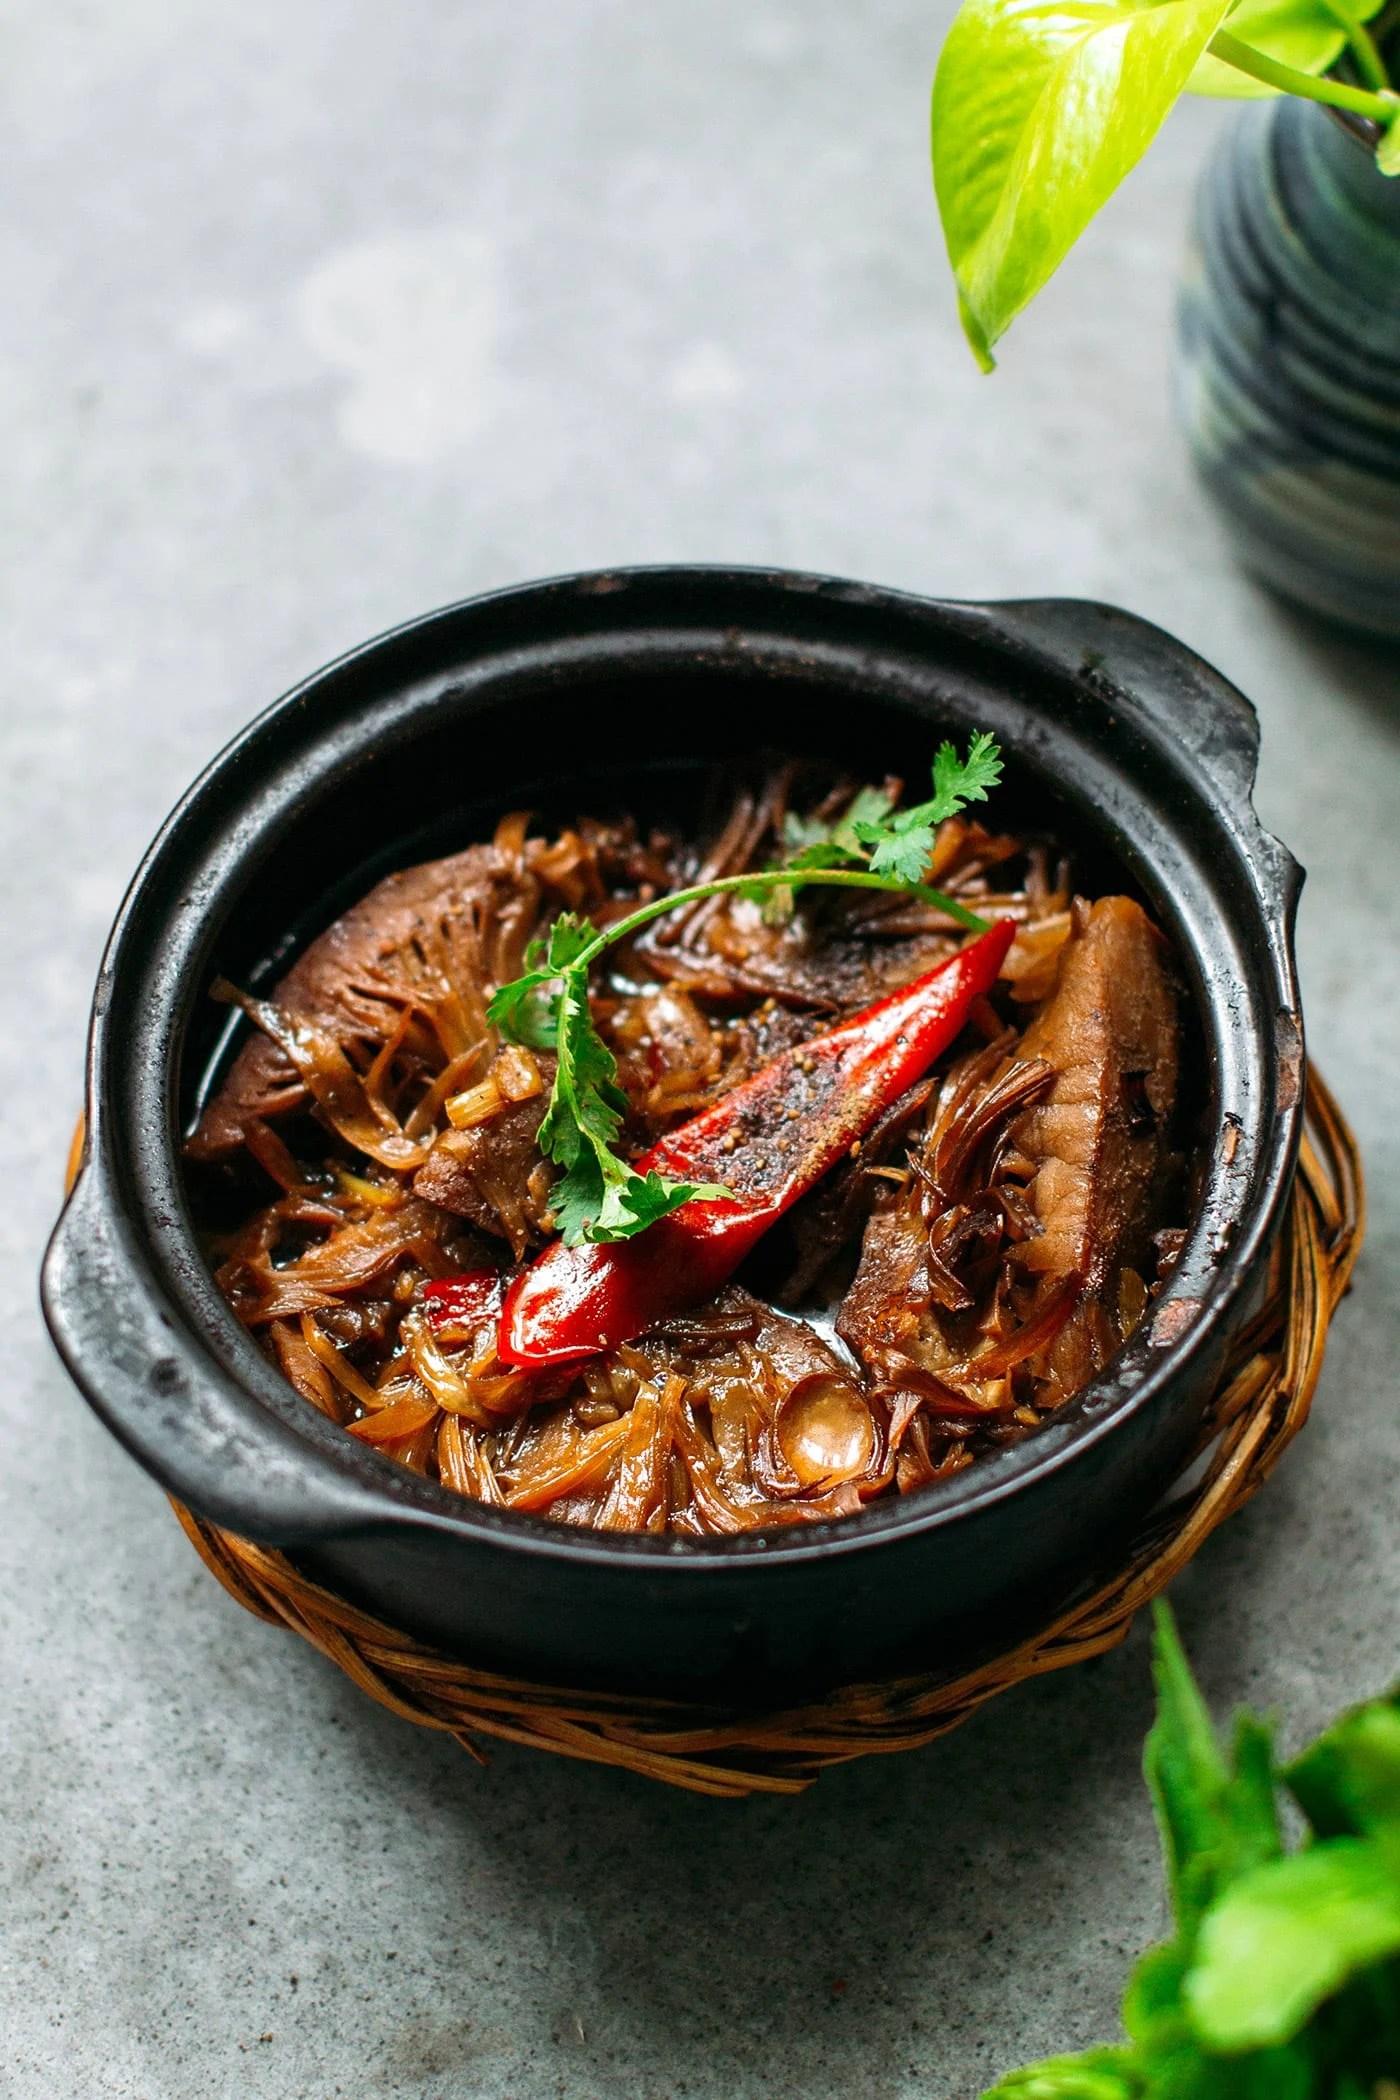 A Guide to Eating Vegan in Viet Nam - Mít Non Kho Nước Dừa